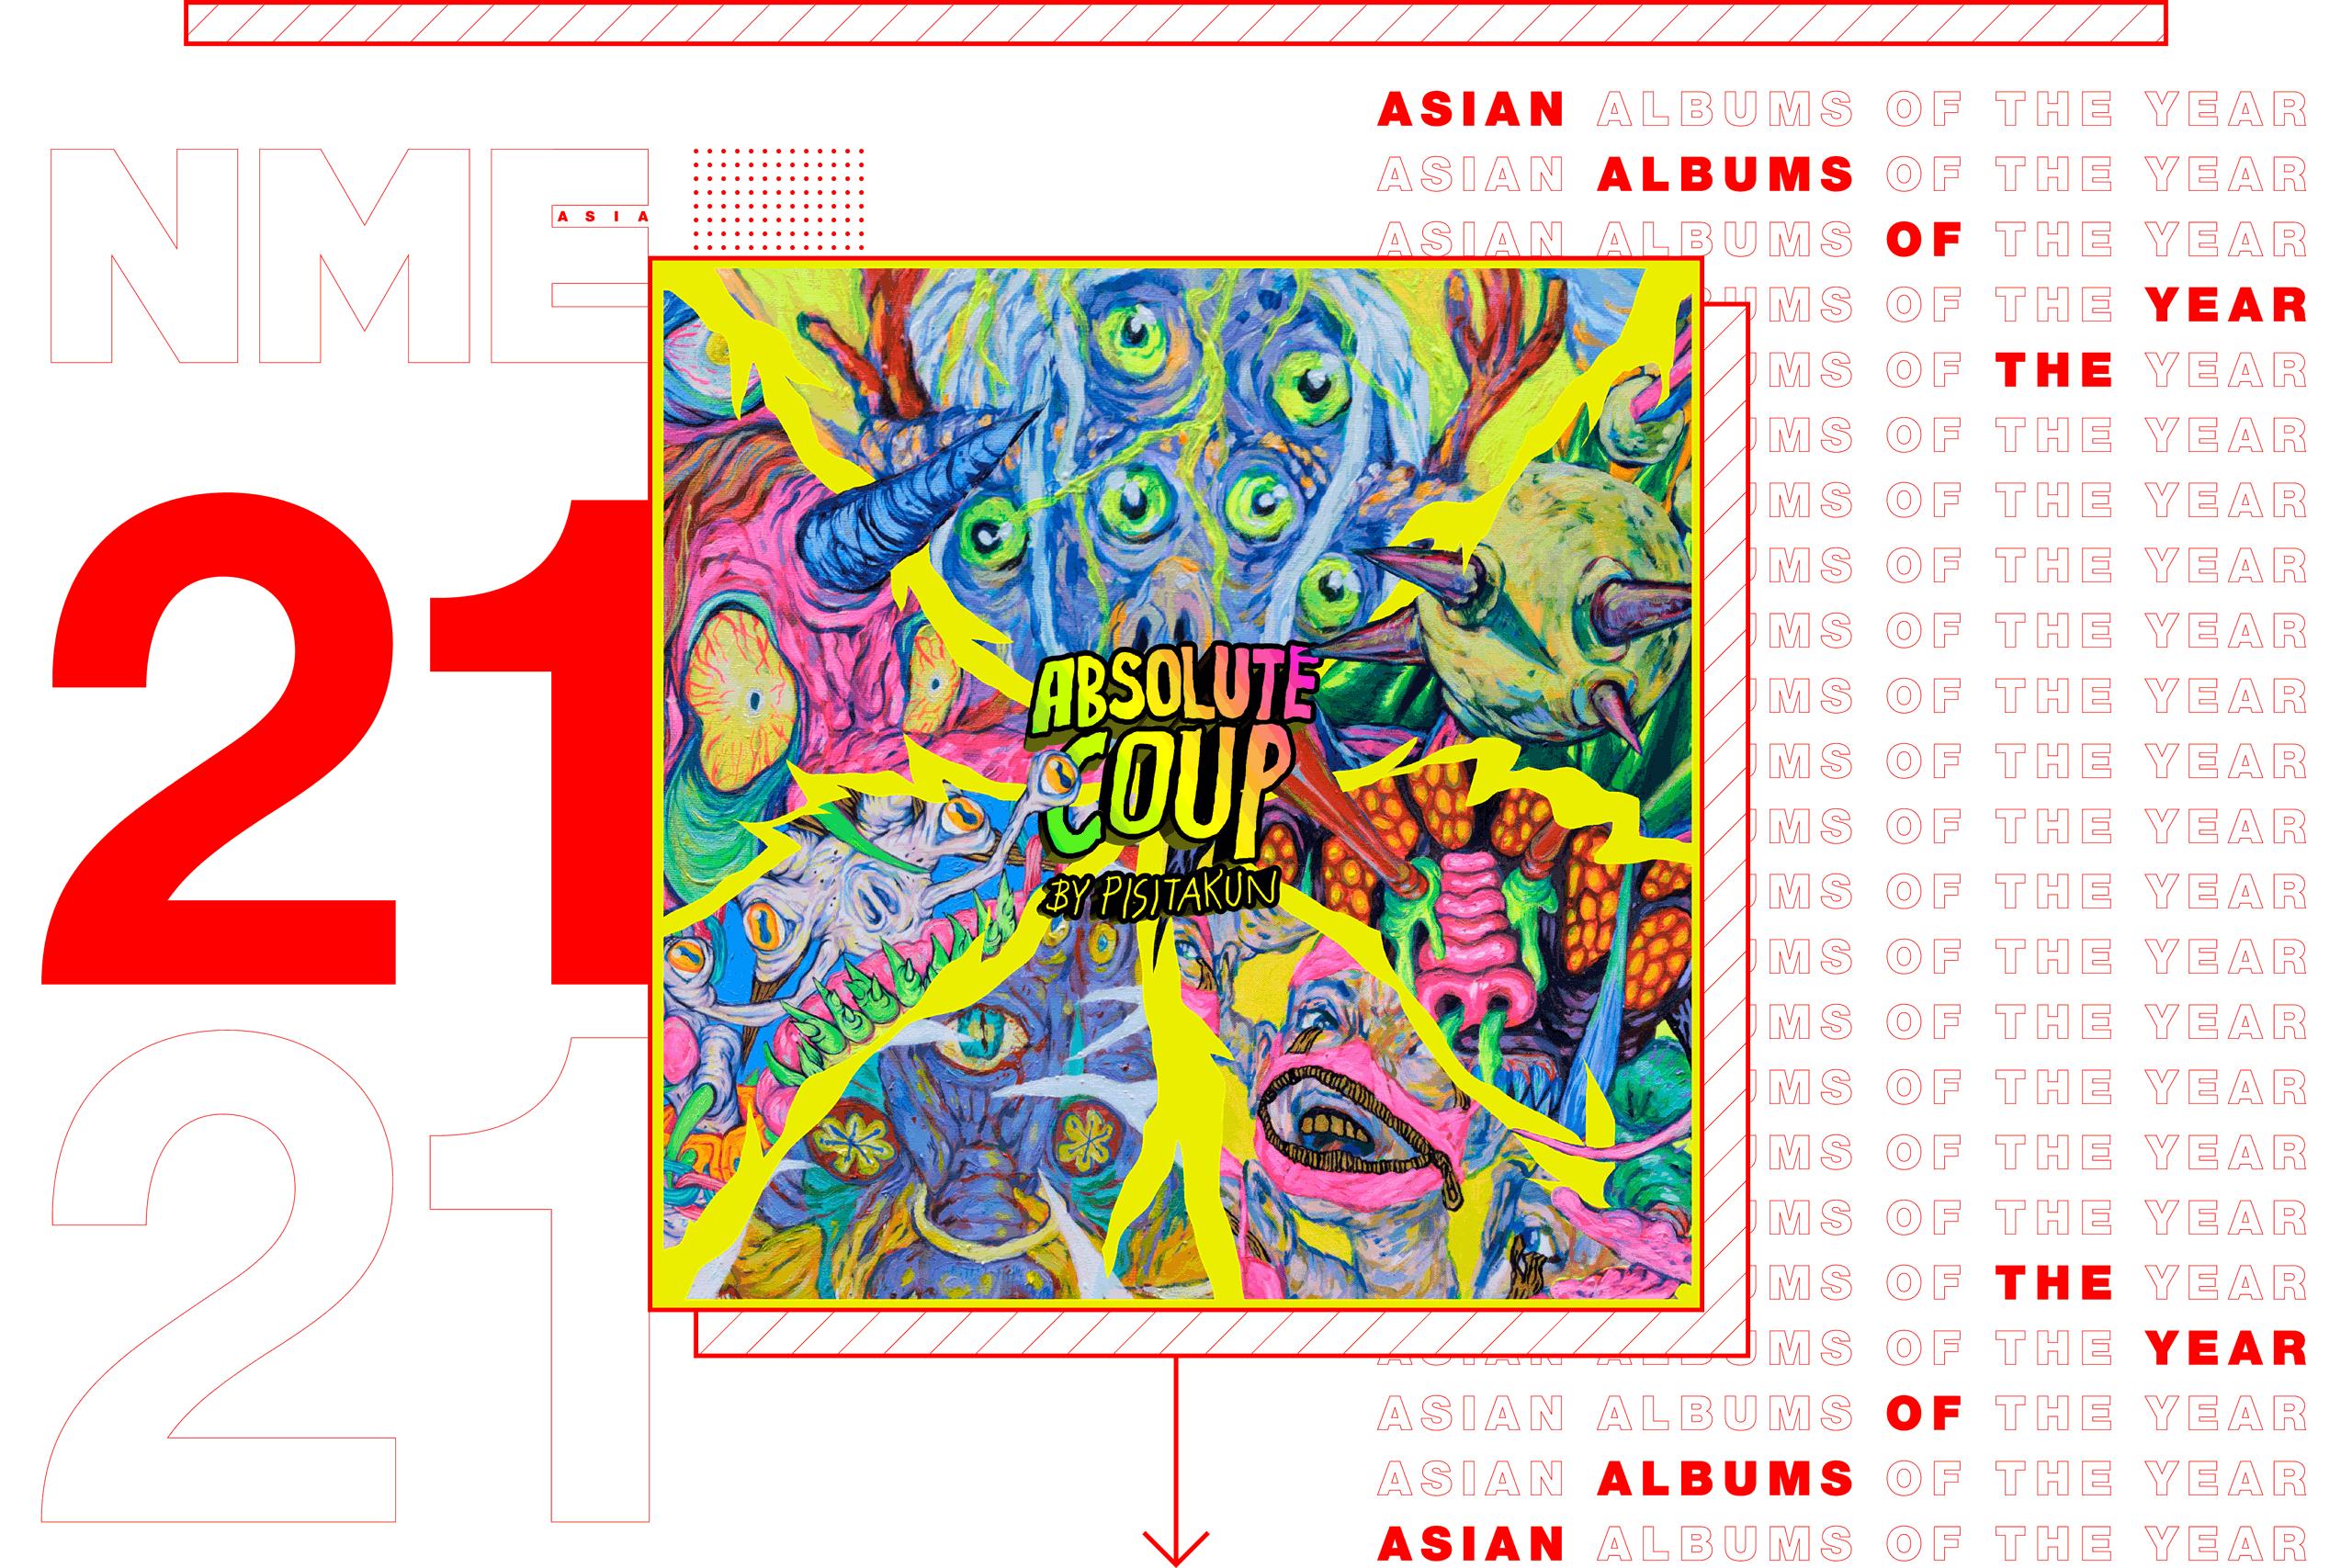 nme asia albums of the year 2020 pisitakun